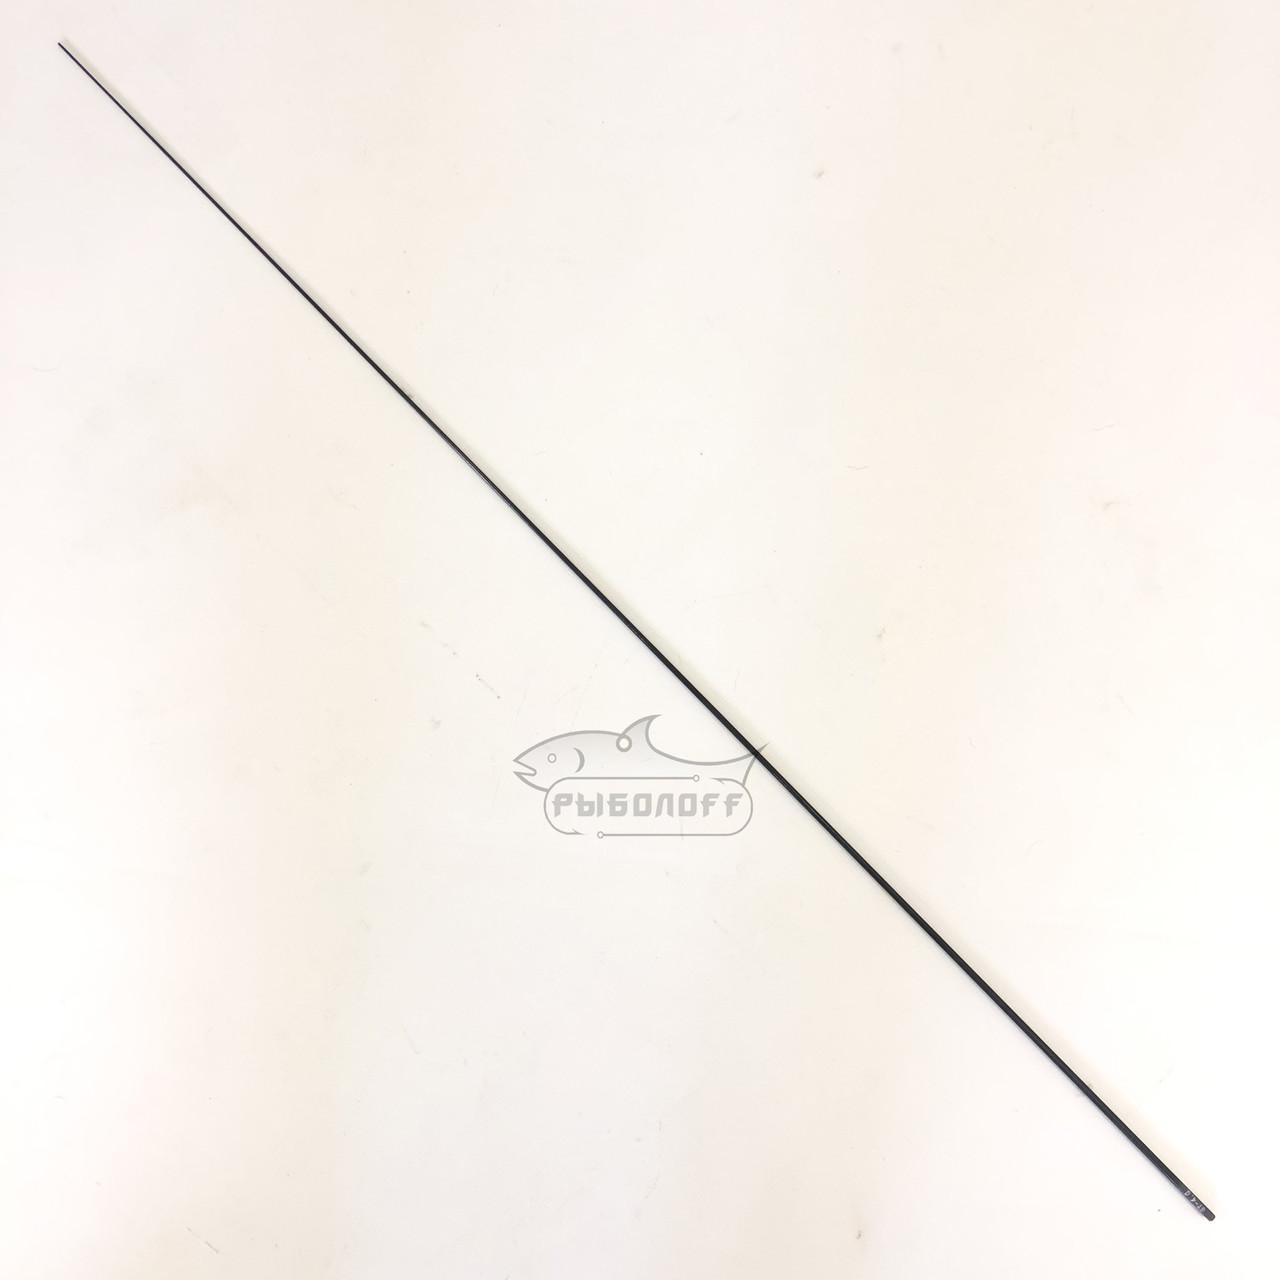 Запасной кончик для удилища сarbon 4.5 цельный